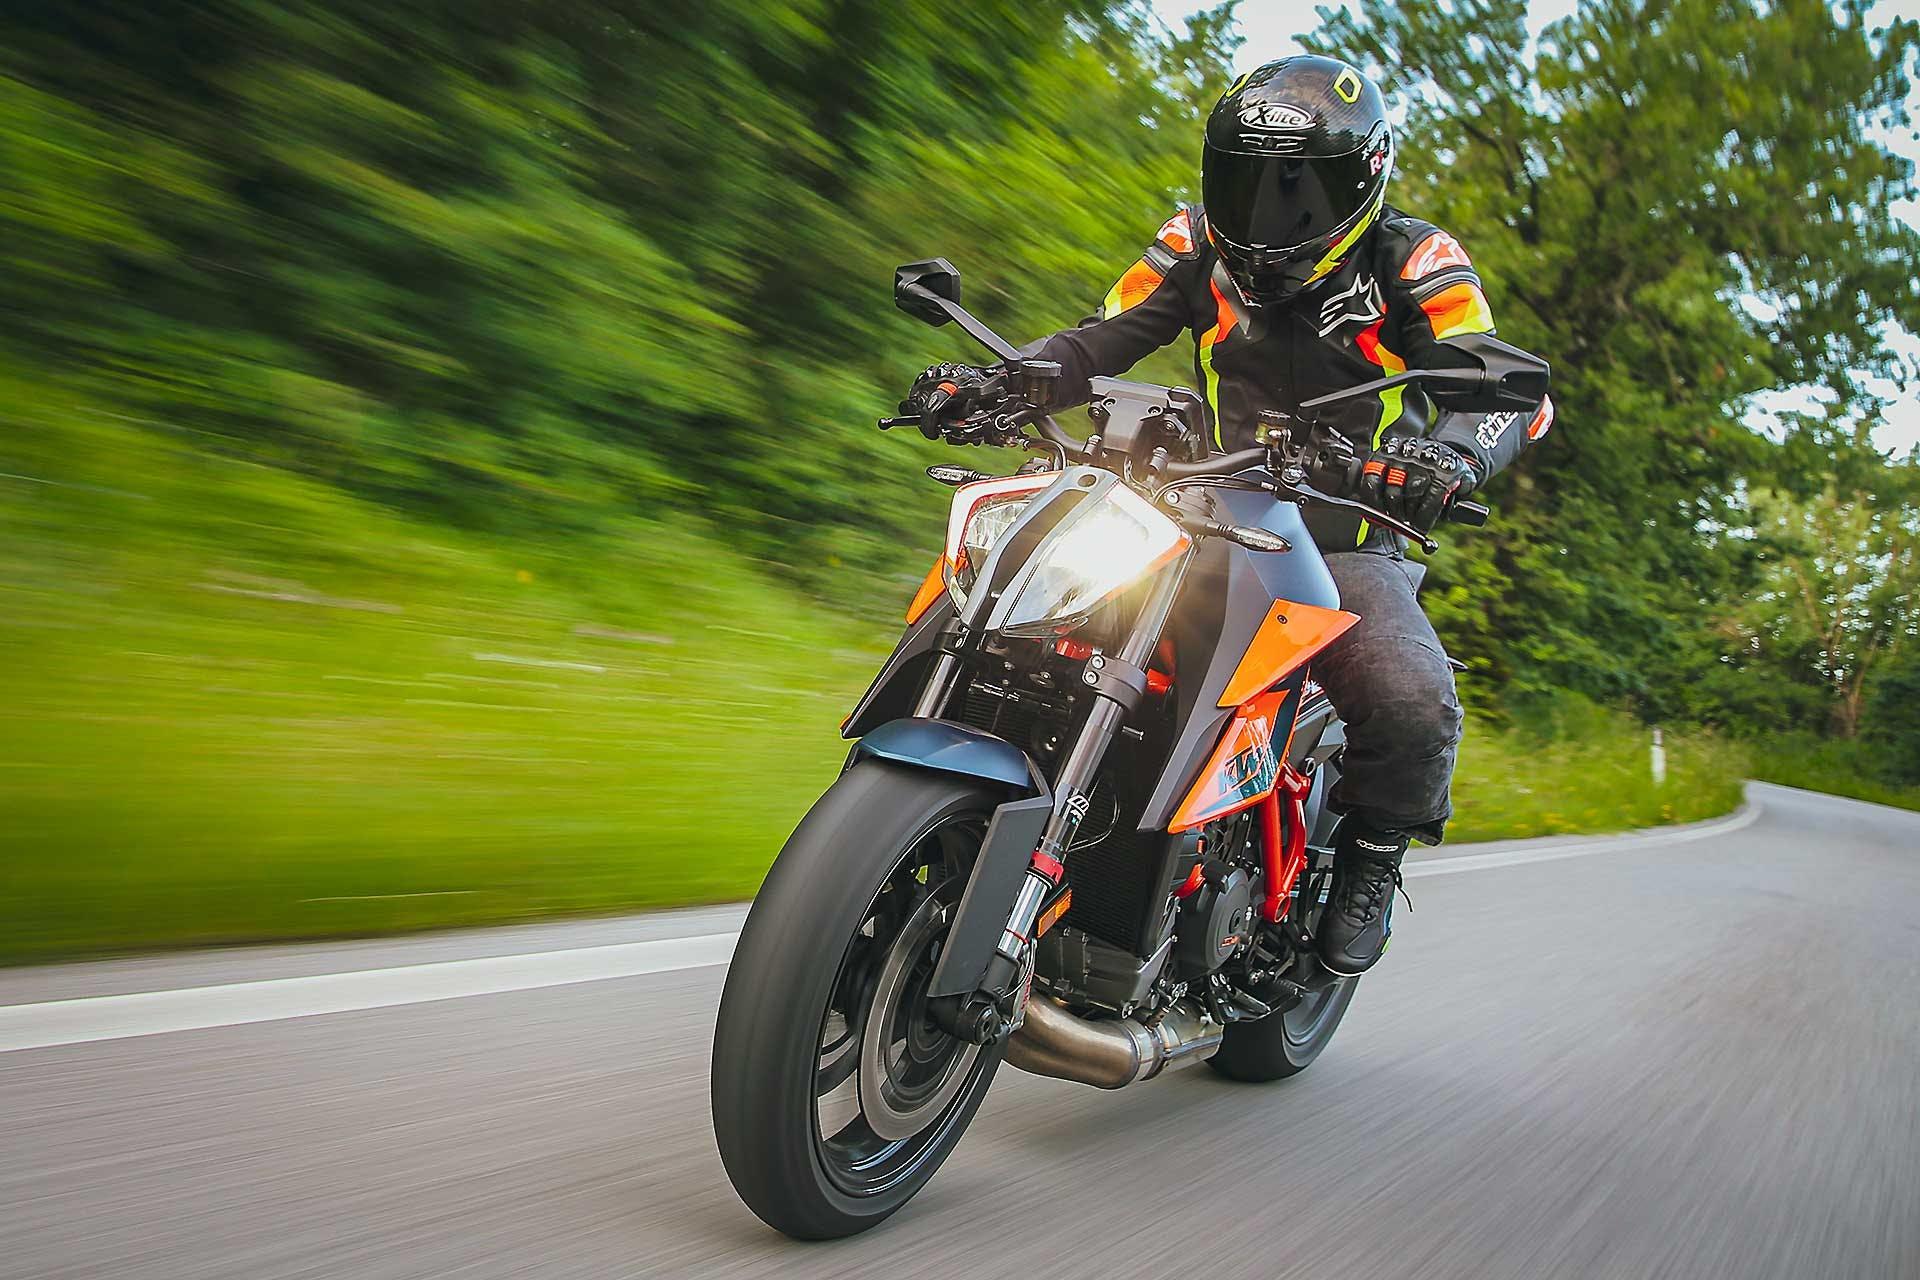 Kawasaki Zh2 migliore maxi naked 2020